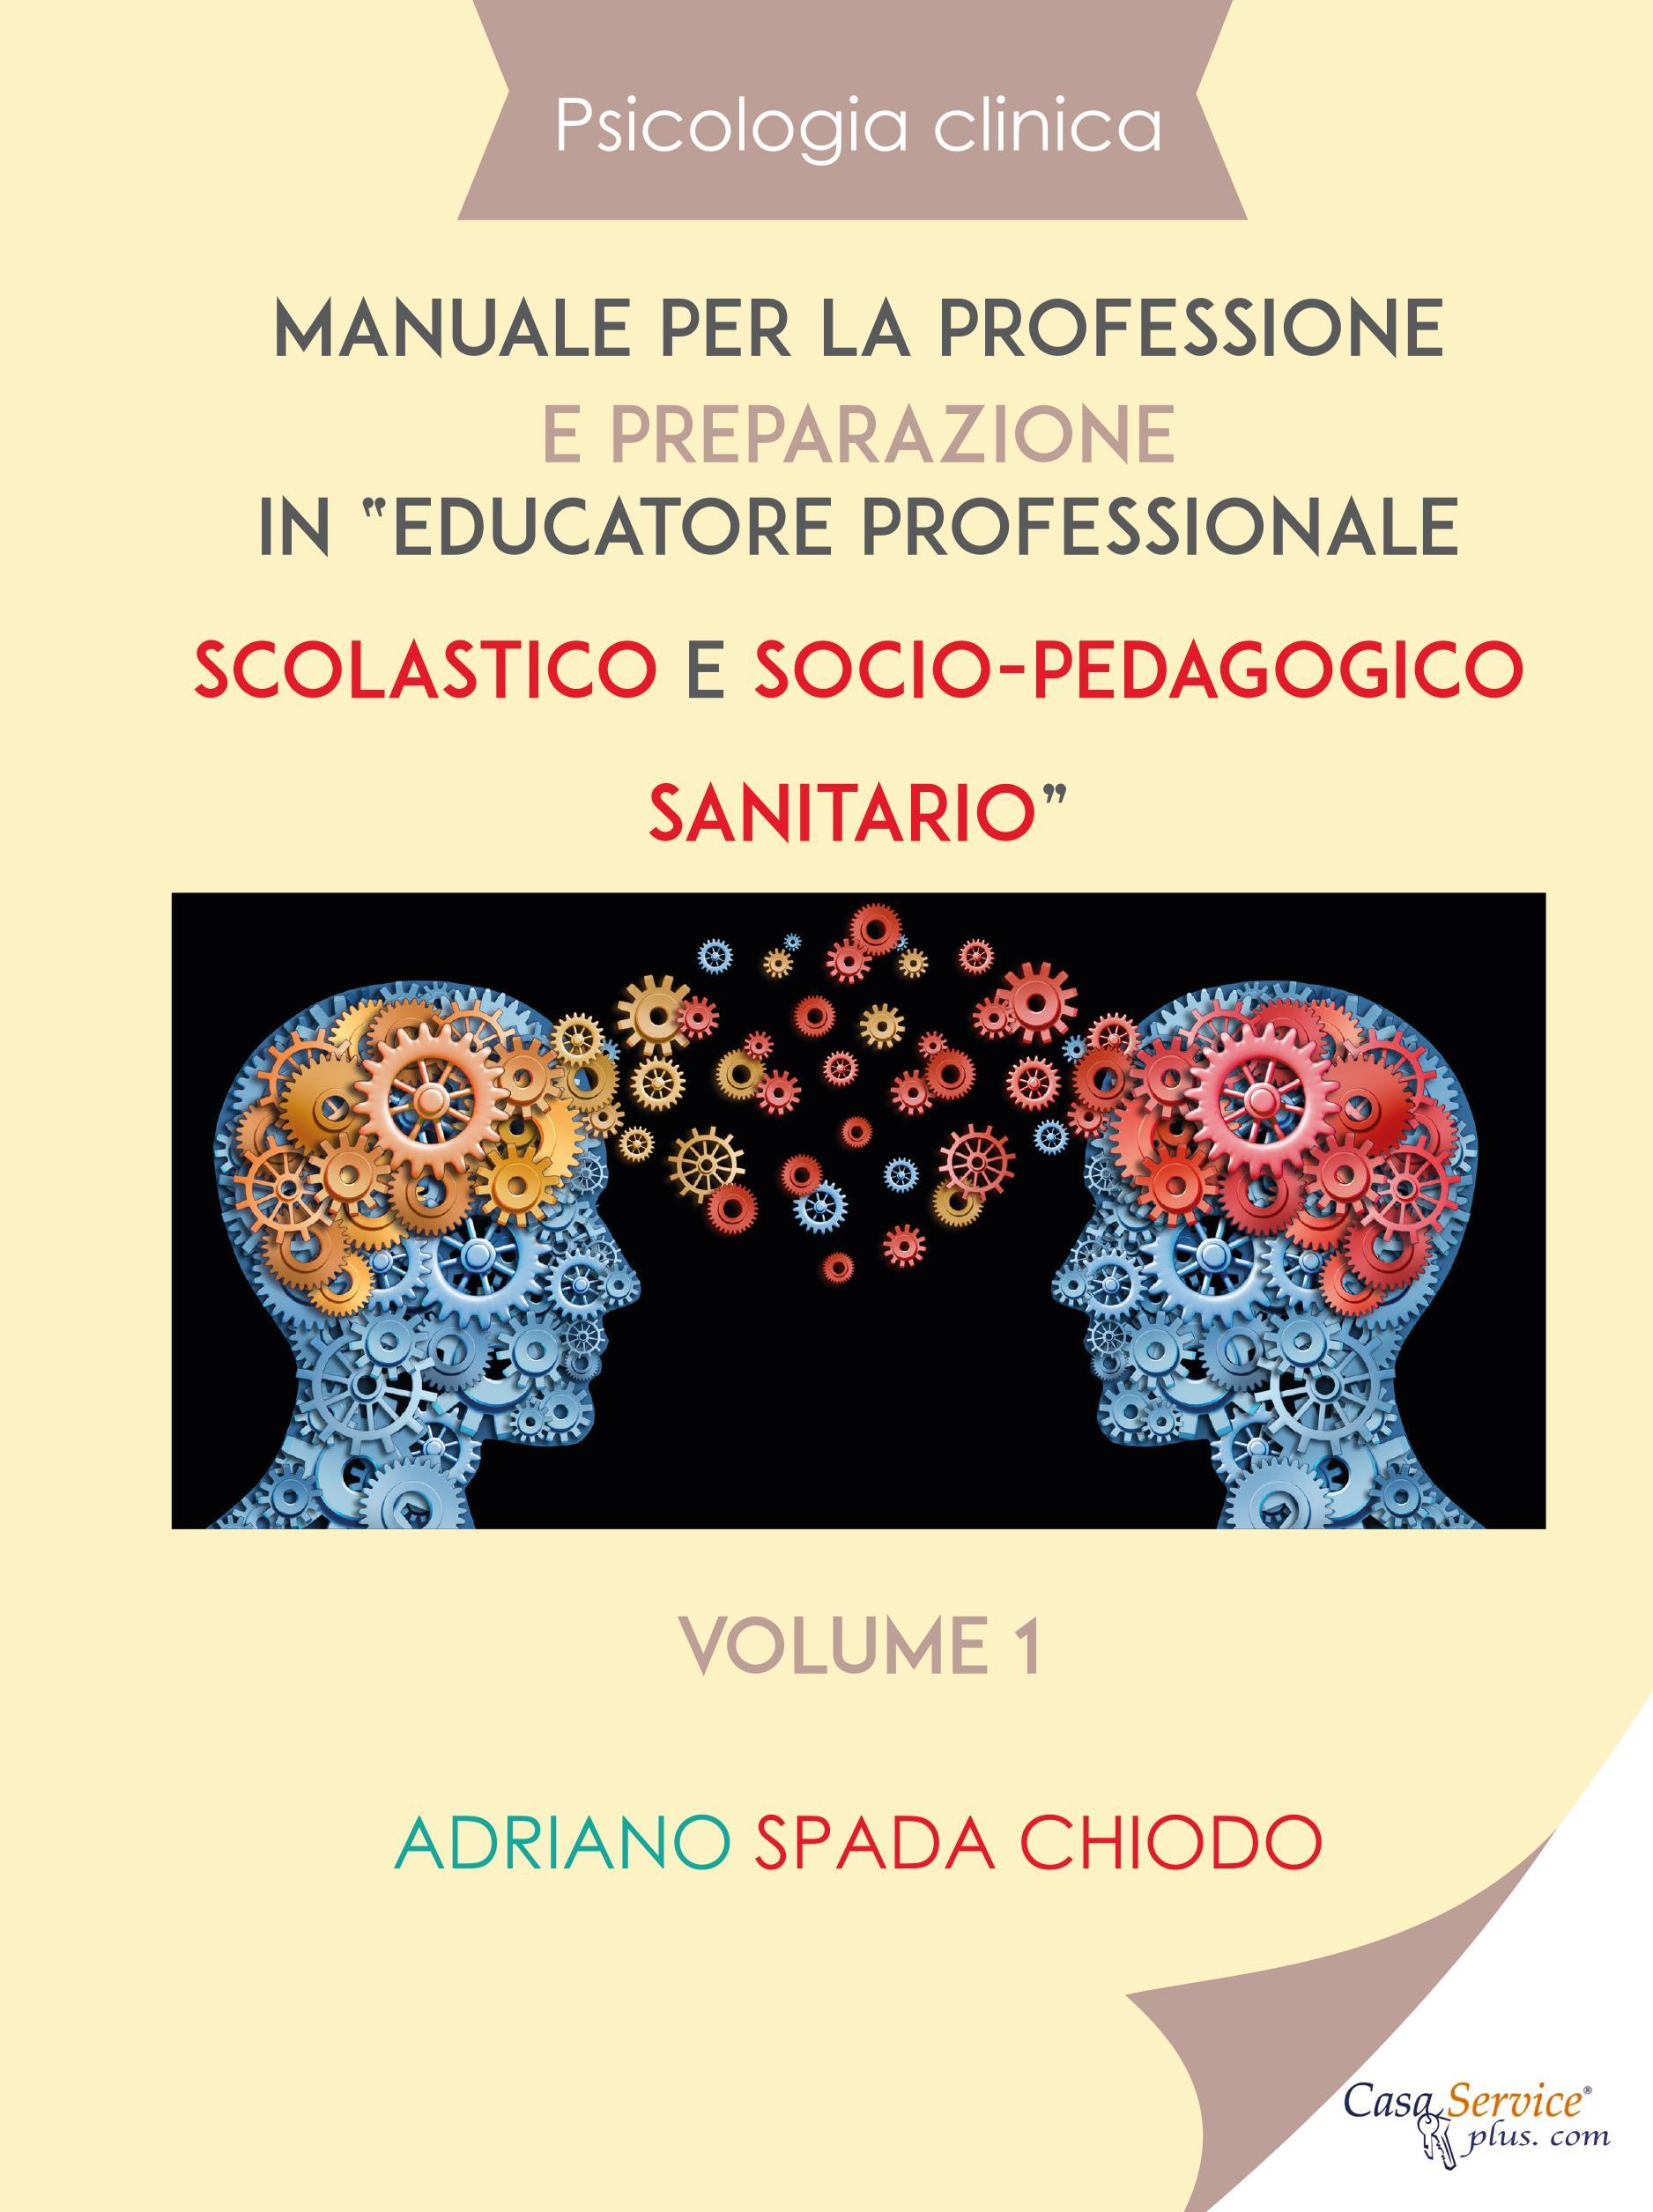 """Psicologia clinica - Manuale per la professione e preparazione in """"educatore professionale scolastico e socio-pedagogico sanitario"""" – Volume I"""